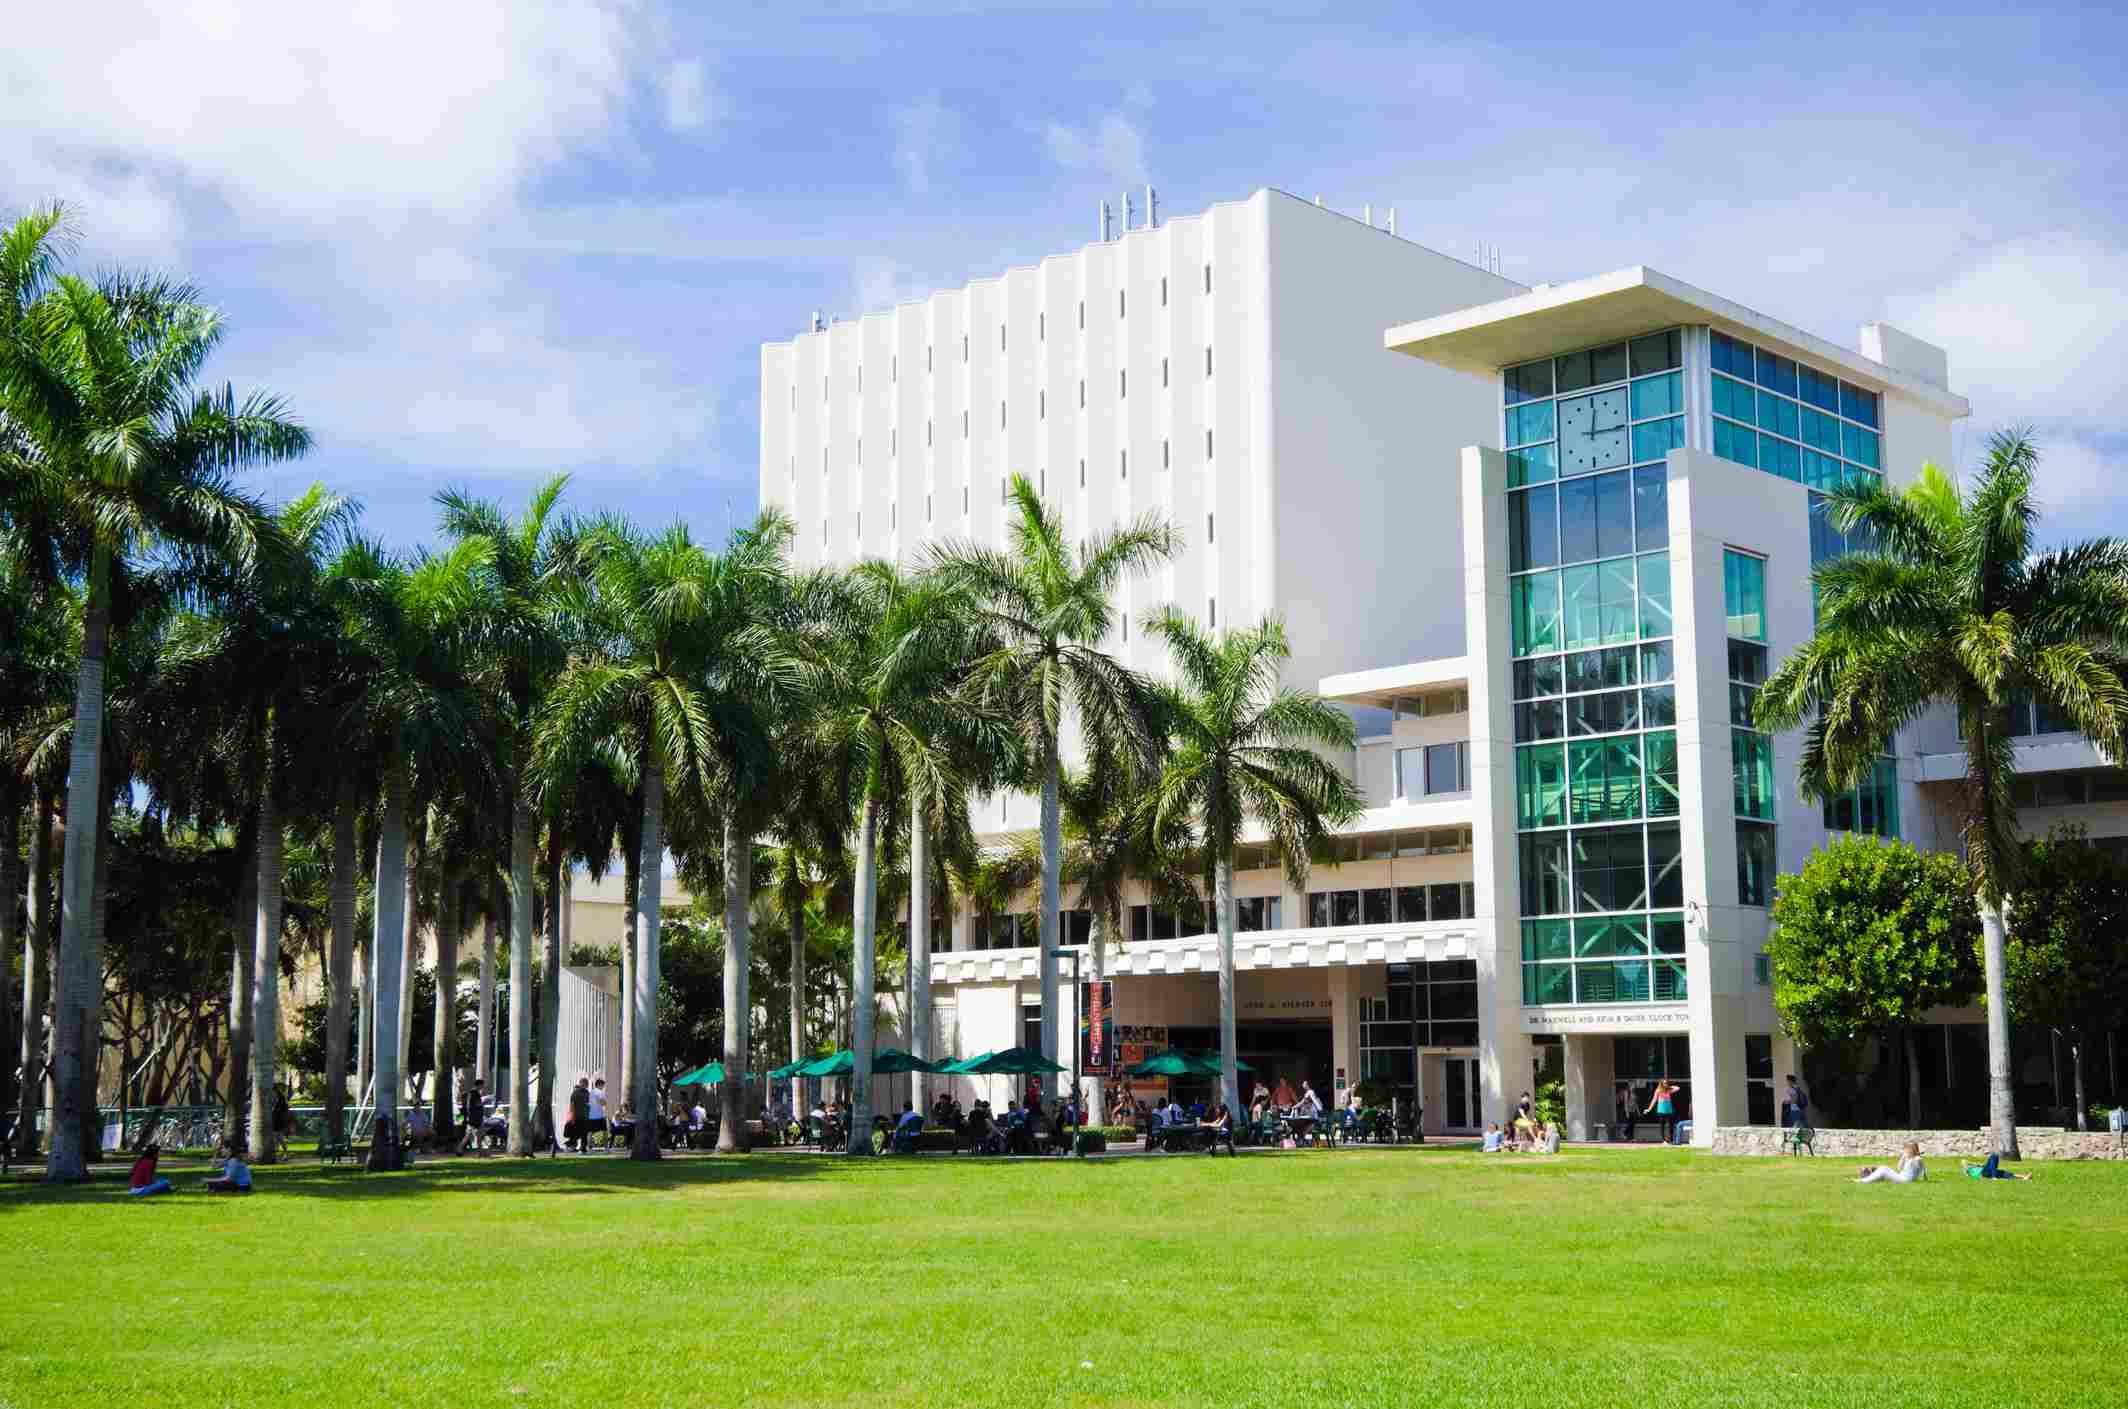 Universidad de Miami